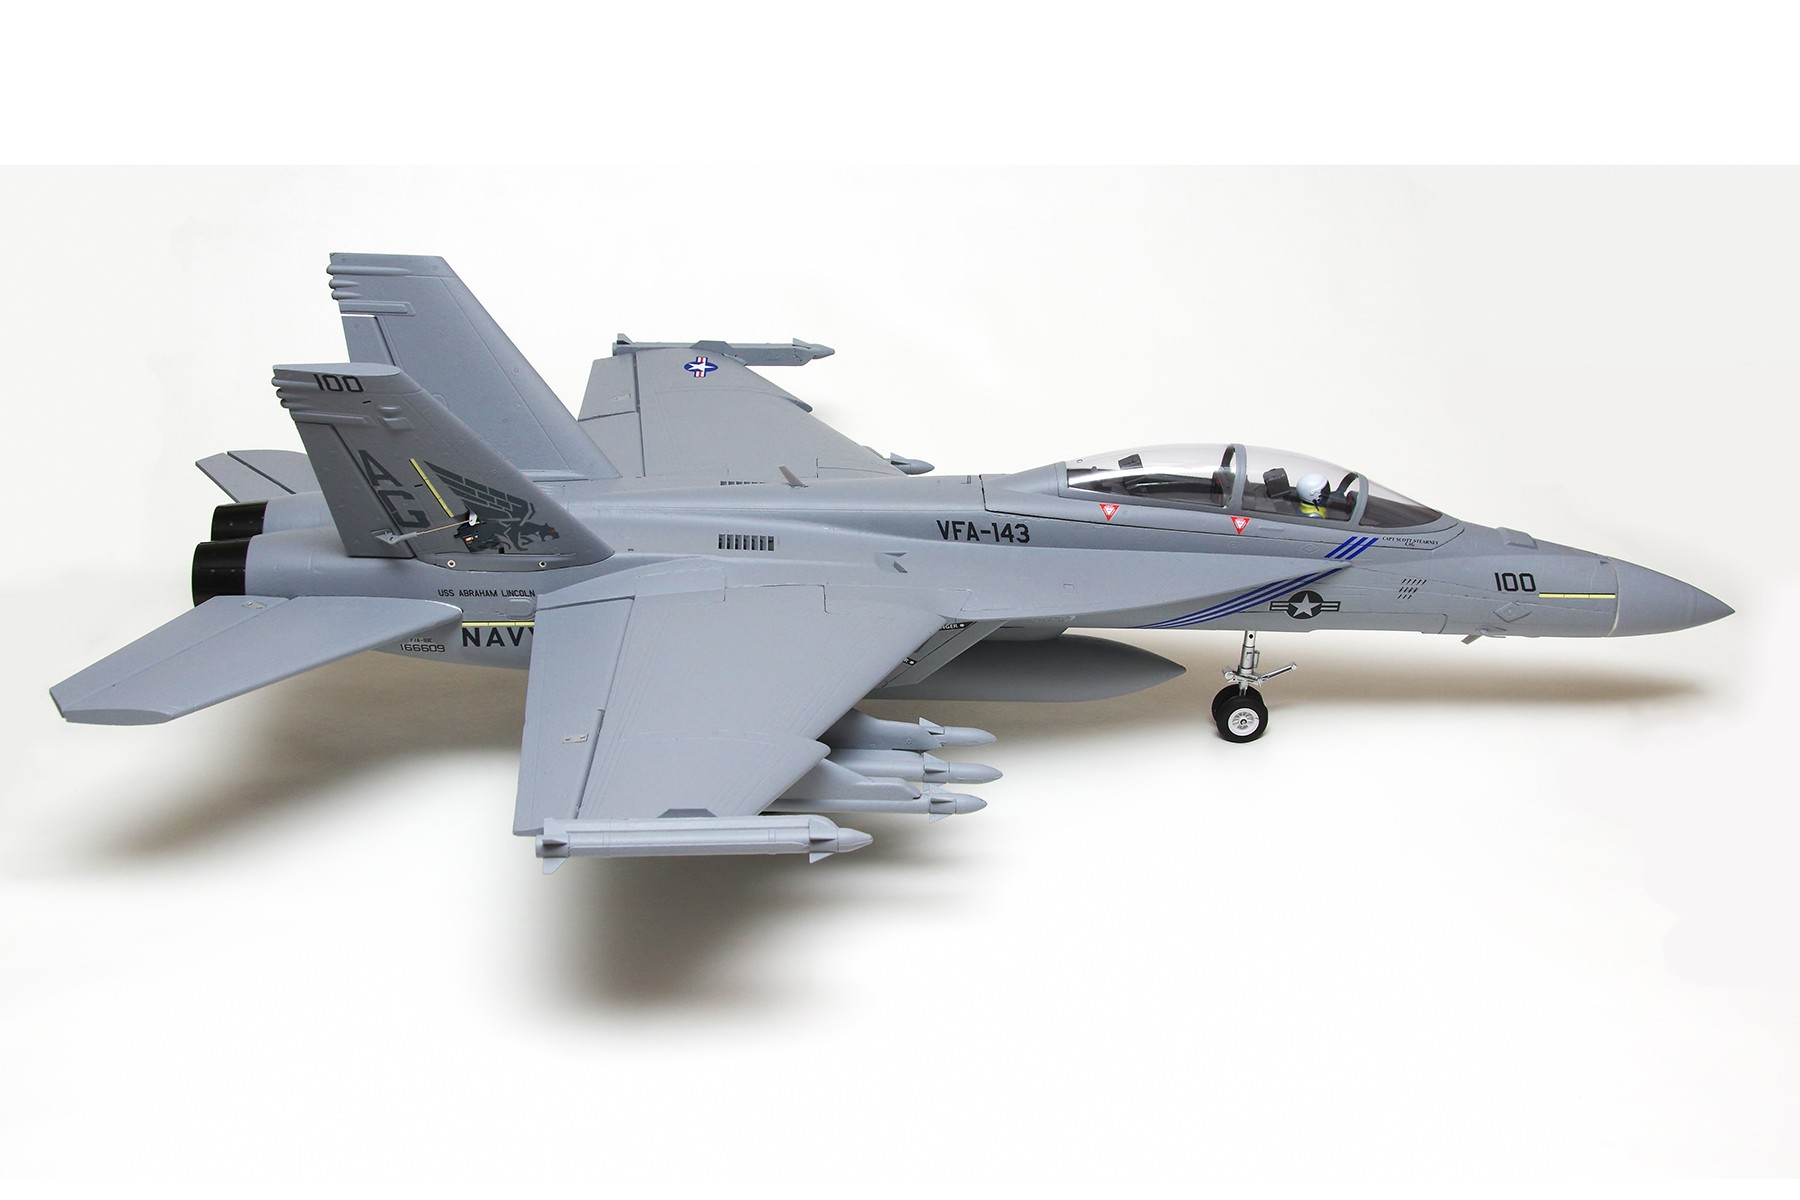 F/A-18F Super Hornet rocHobby